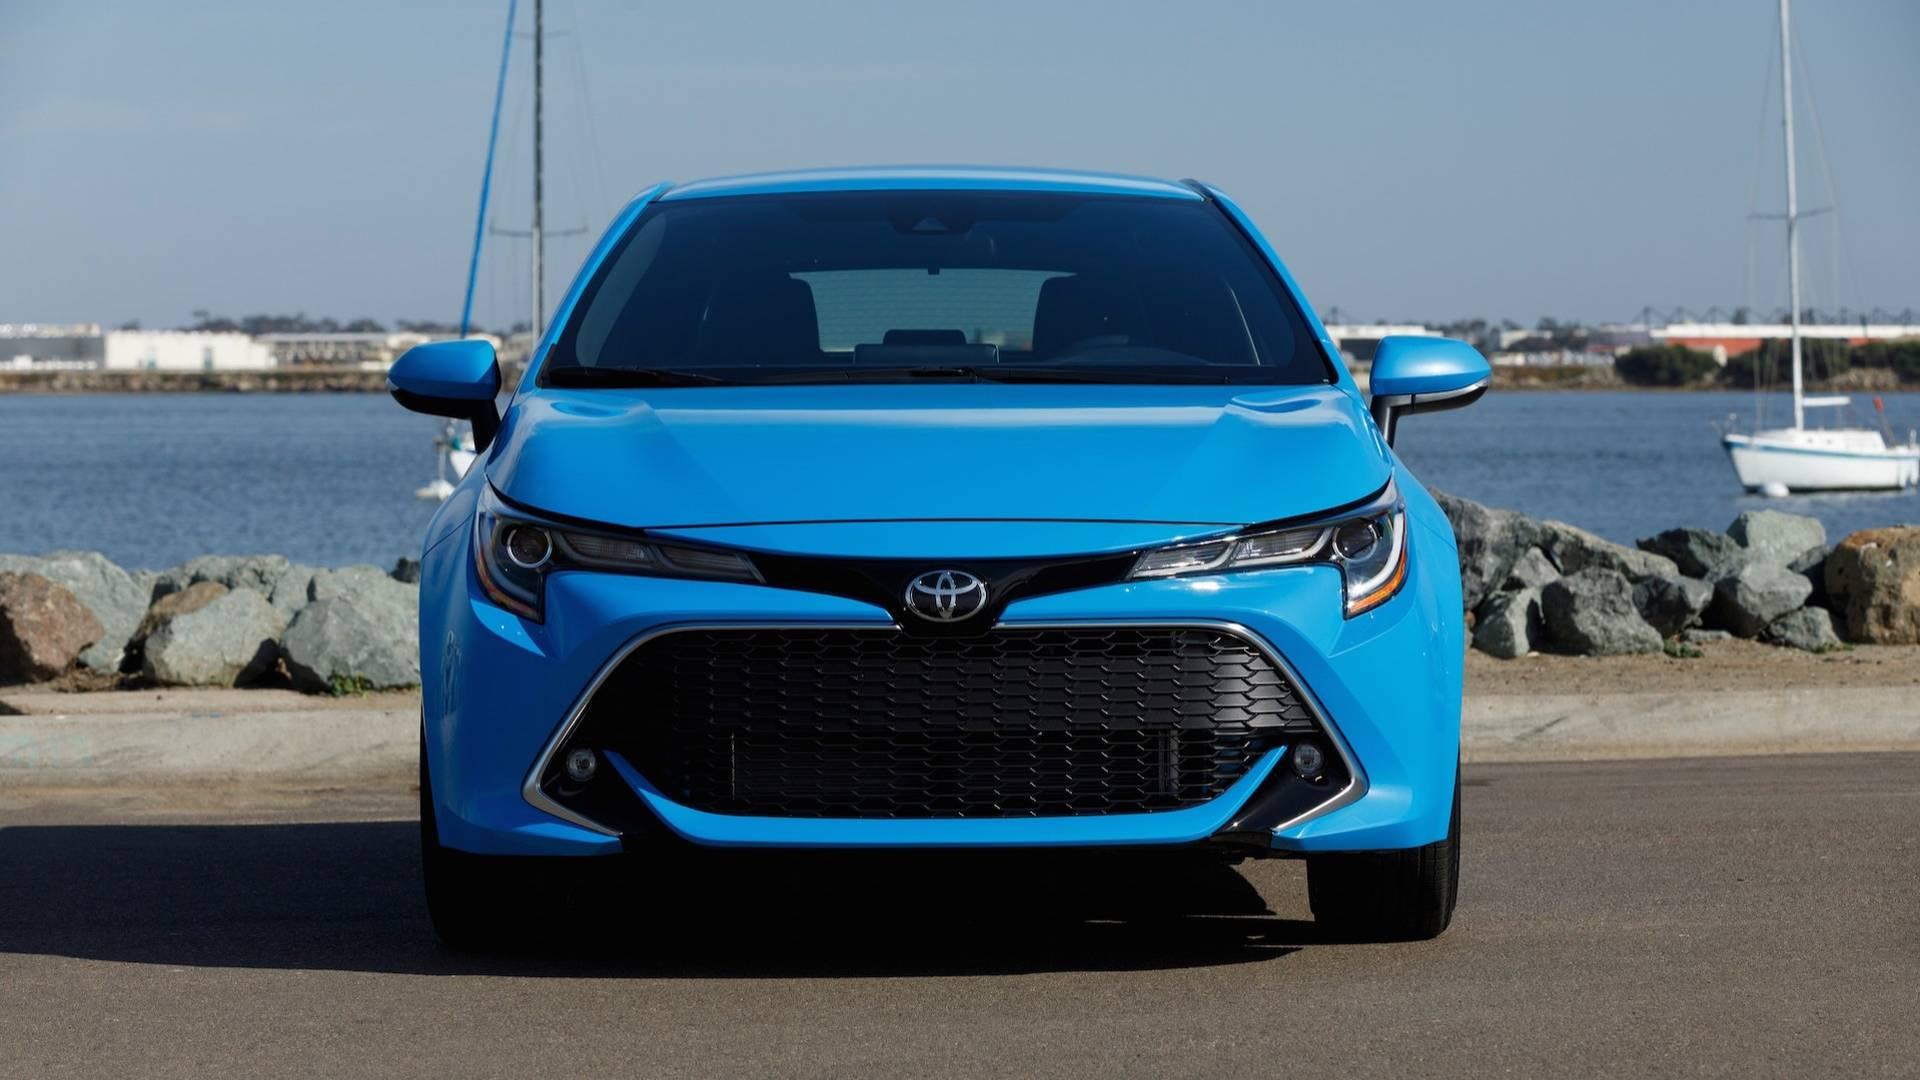 Toyota Çin'de 2020'ye kadar 10 yeni elektrikli otomobil tanıtacak